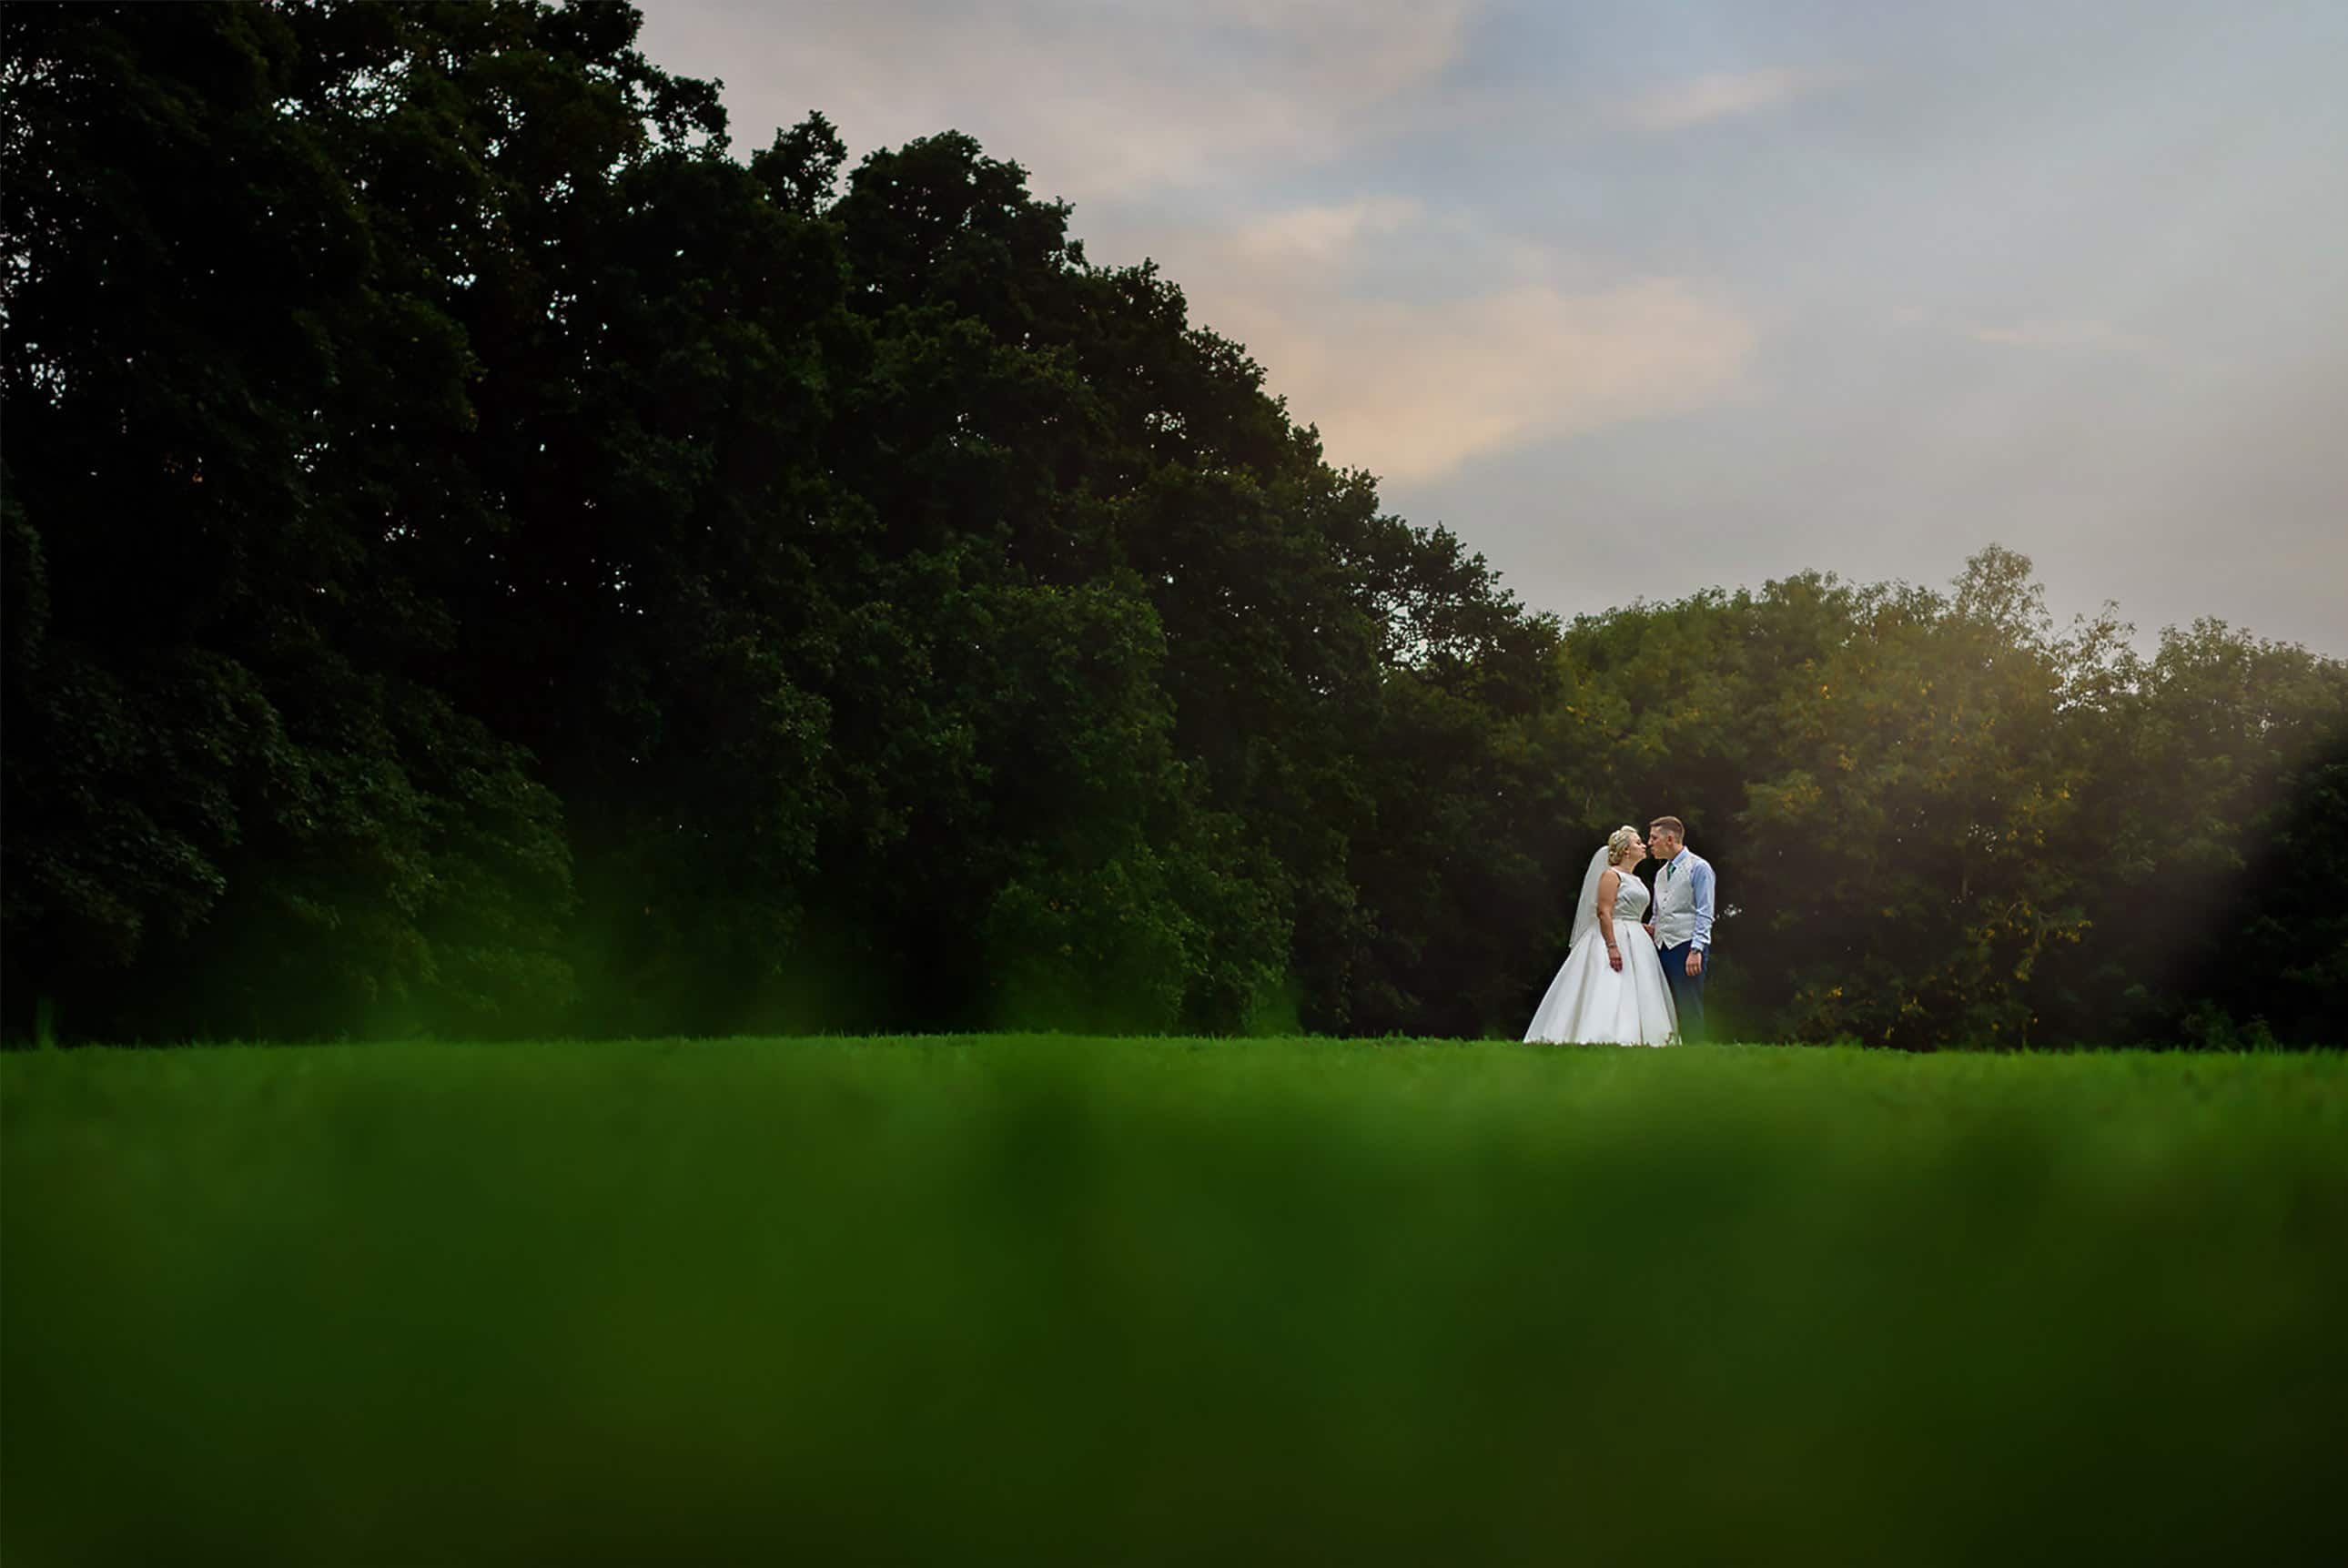 R & D - Brasteds Wedding 26